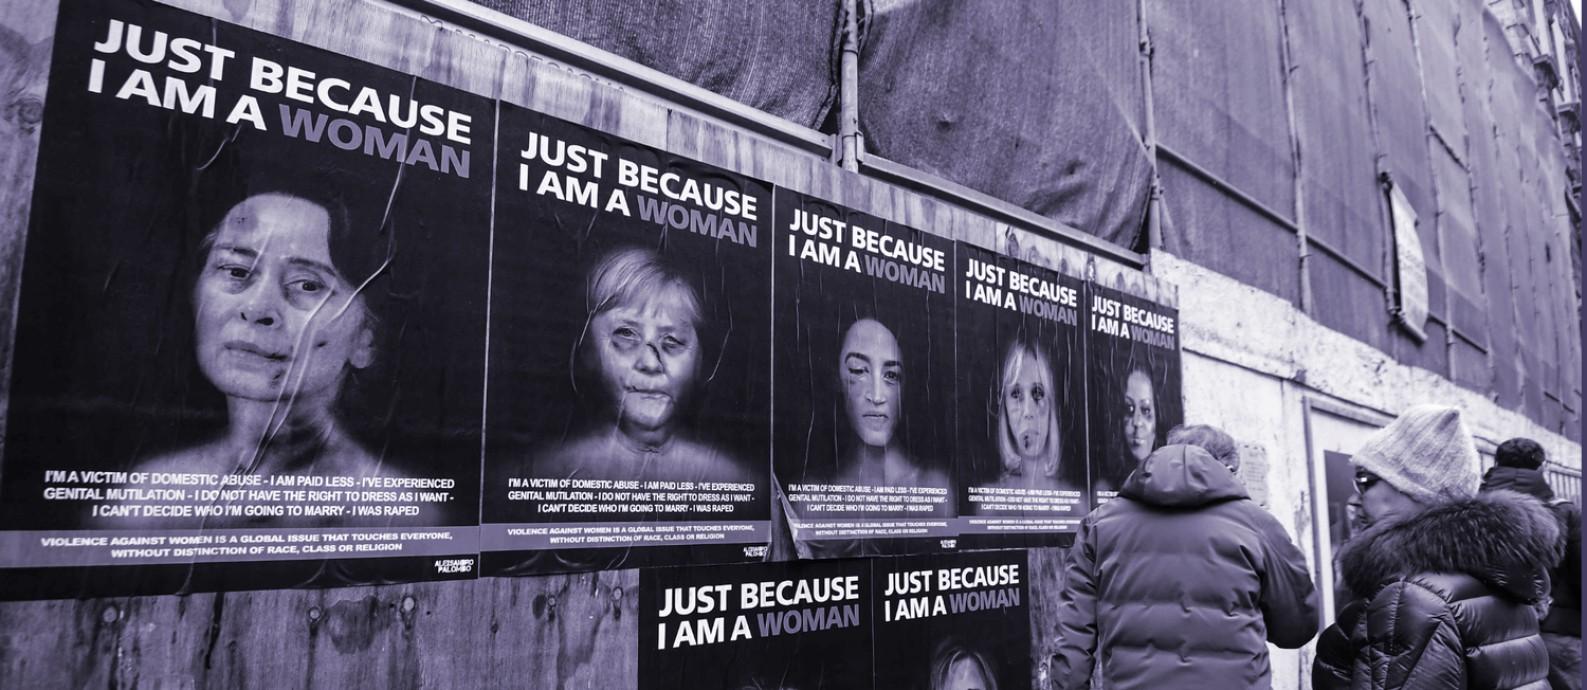 Em Milão, pedestres para para ler cartazes feitos pelo artista Alexsandro Palombo com imagens de mulheres protagonistas da política internacional retratadas como vítimas de agressão Foto: AFP